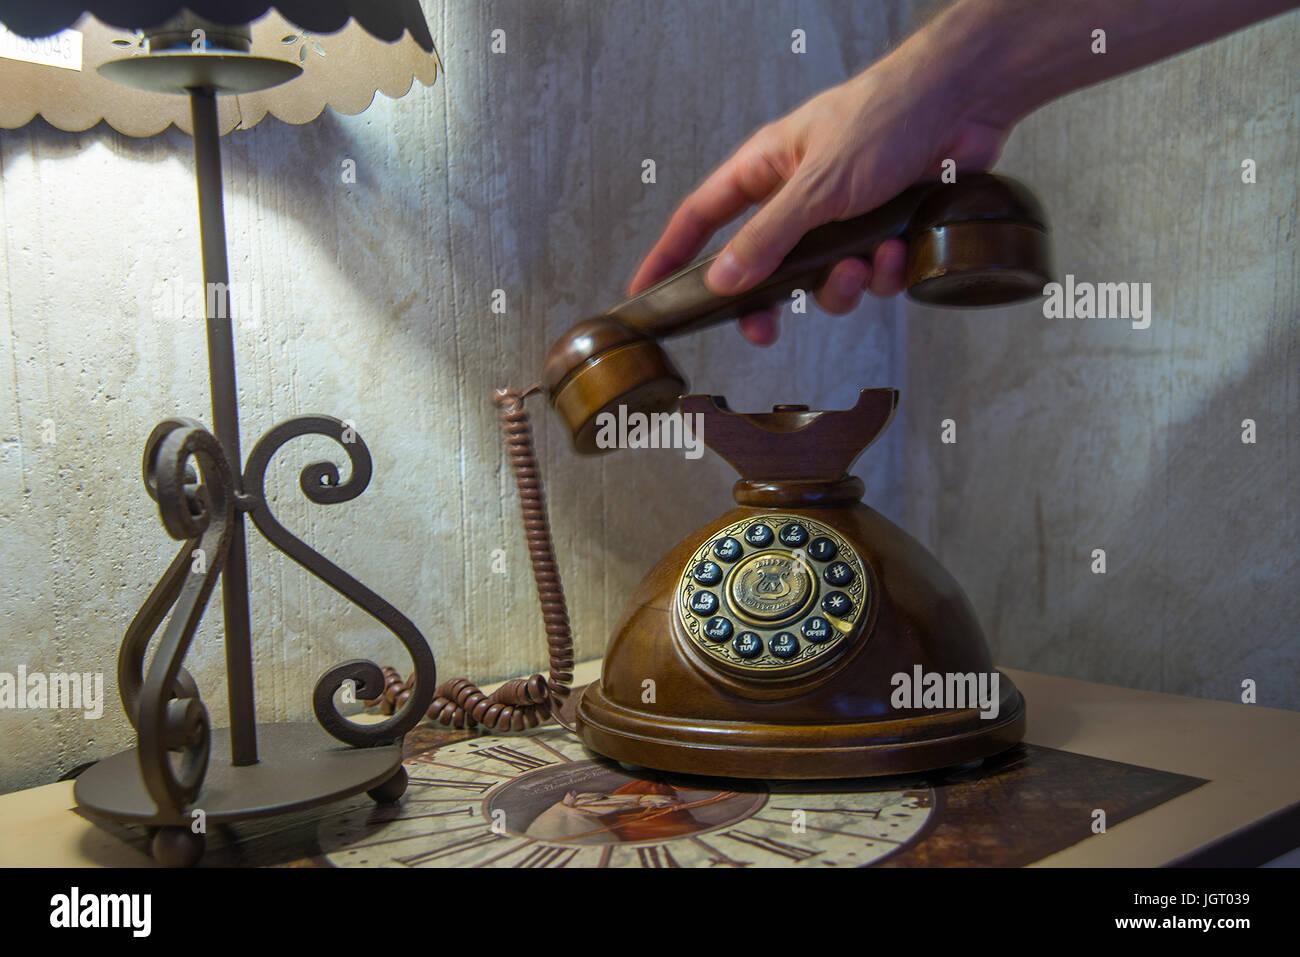 La mano del hombre descolgar el auricular de un teléfono antiguo. Foto de stock